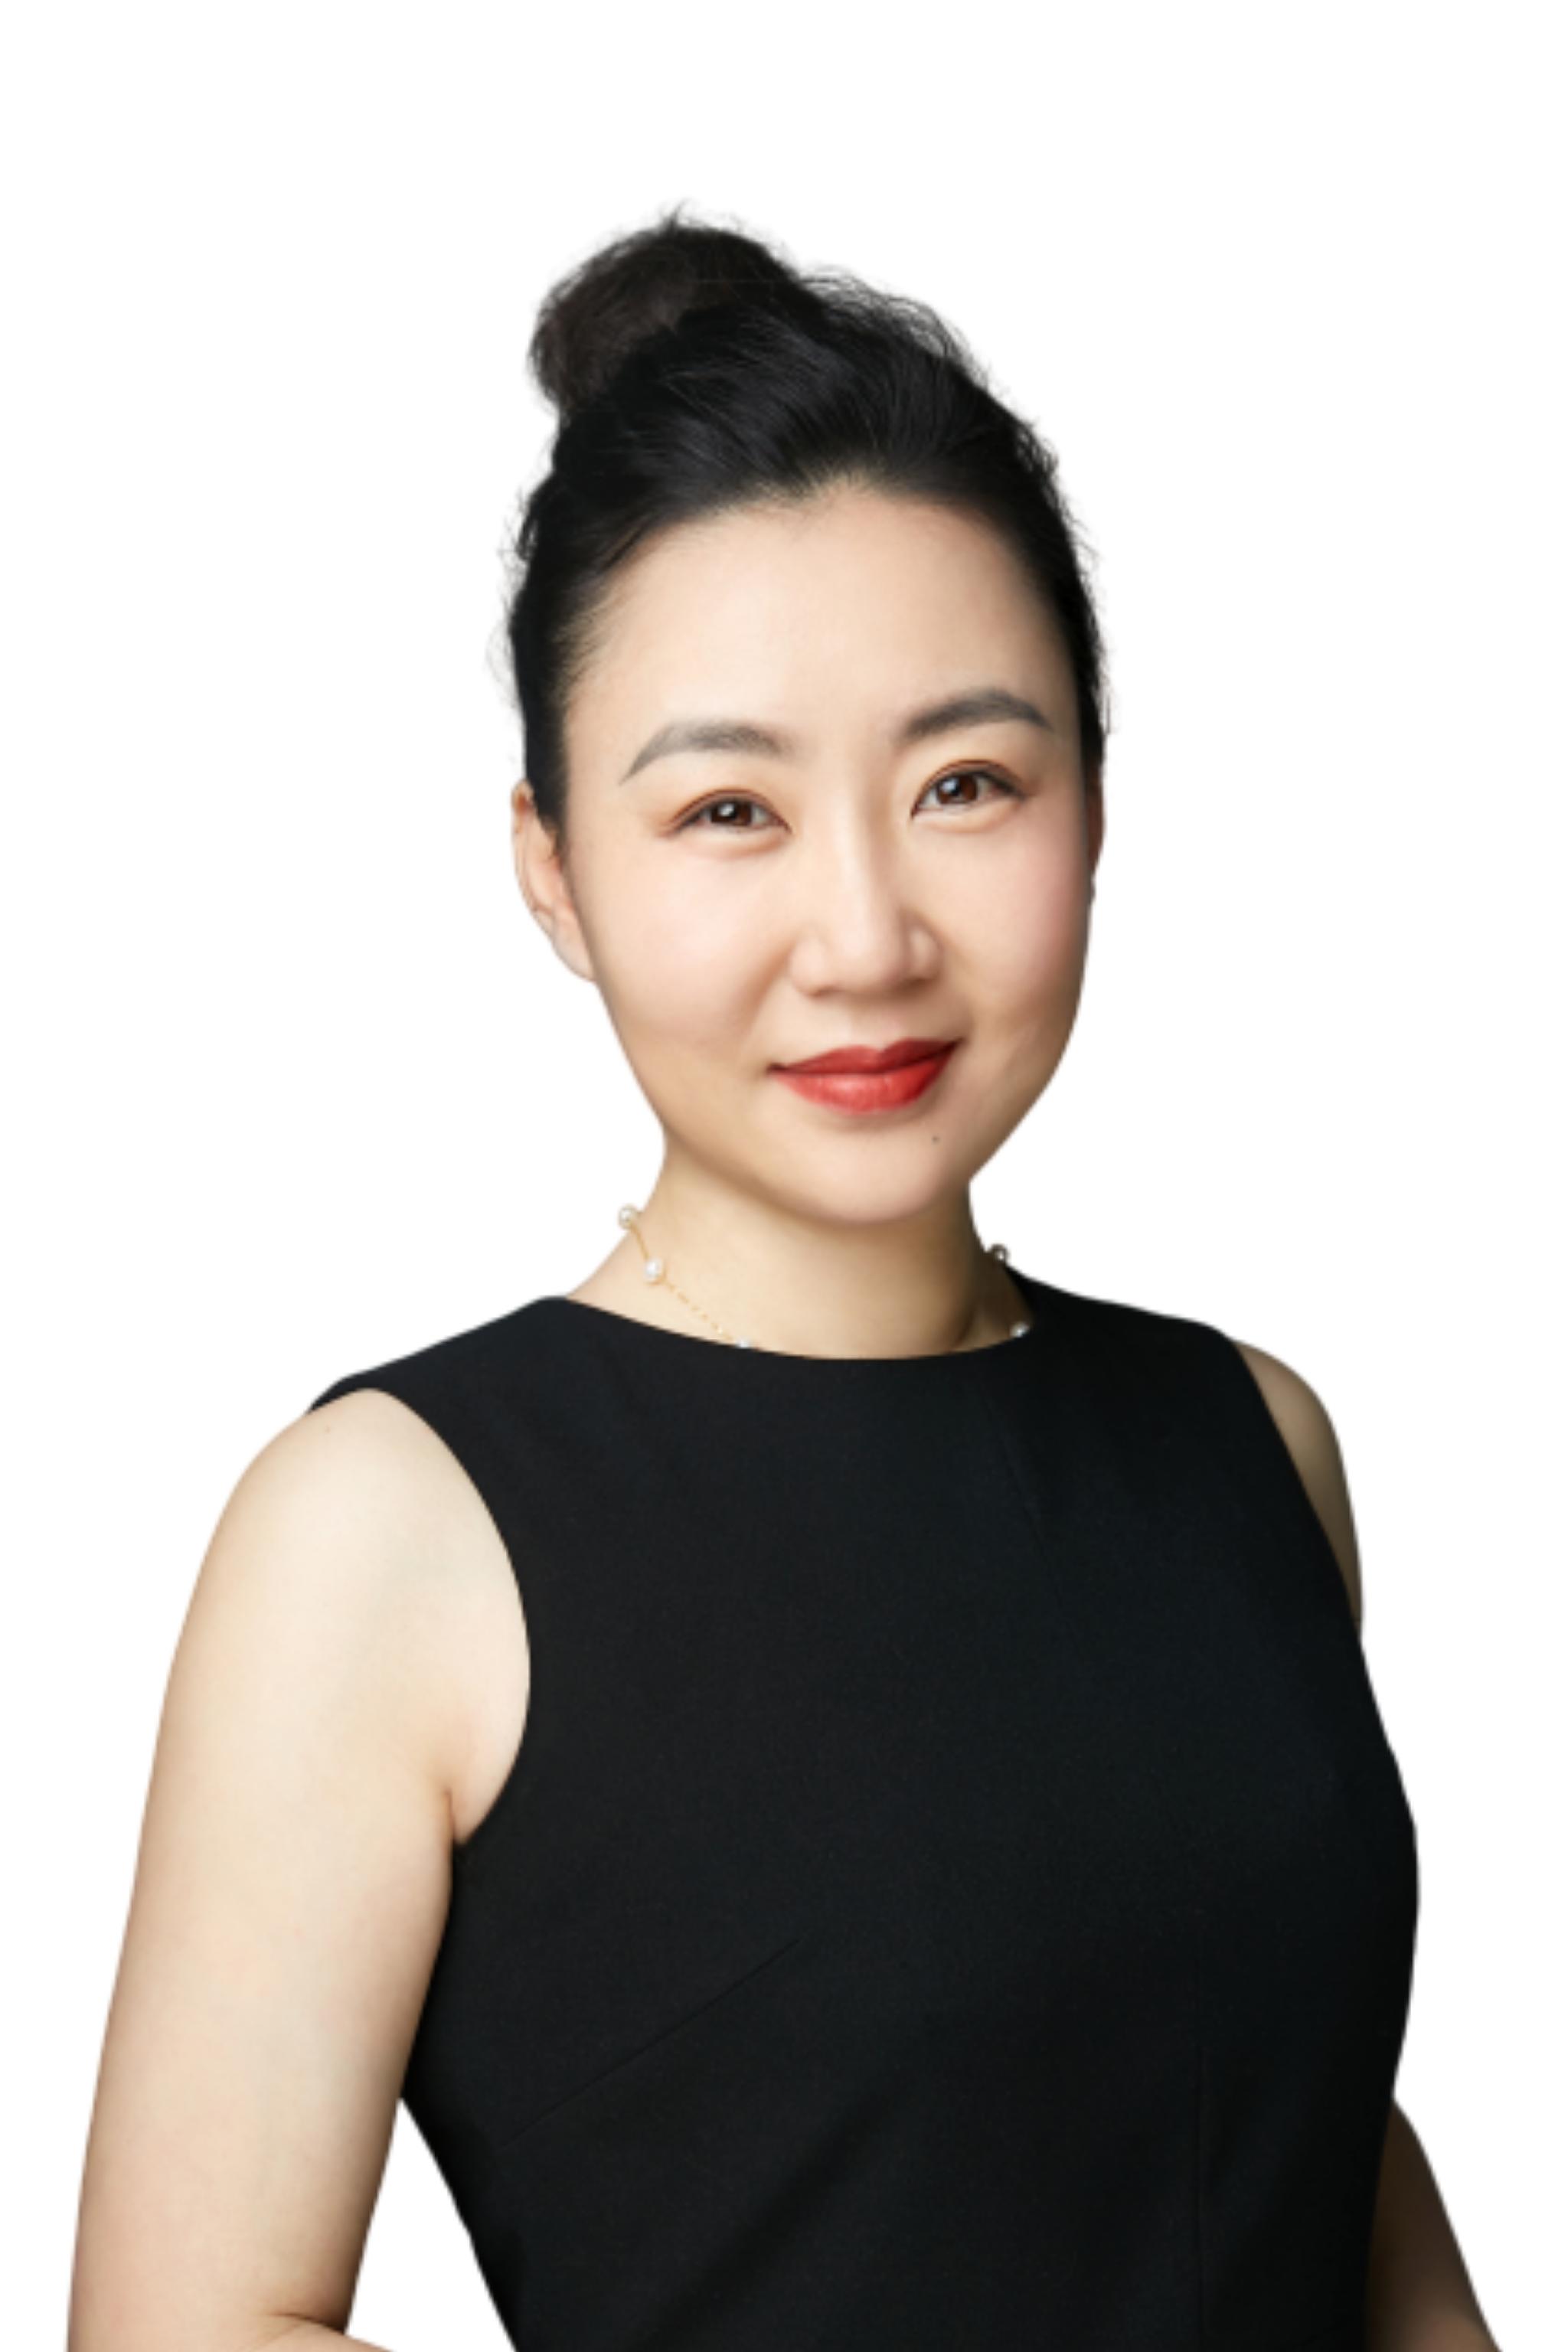 黃崢 北京大學心理學博士,中國科學院心理所副教授